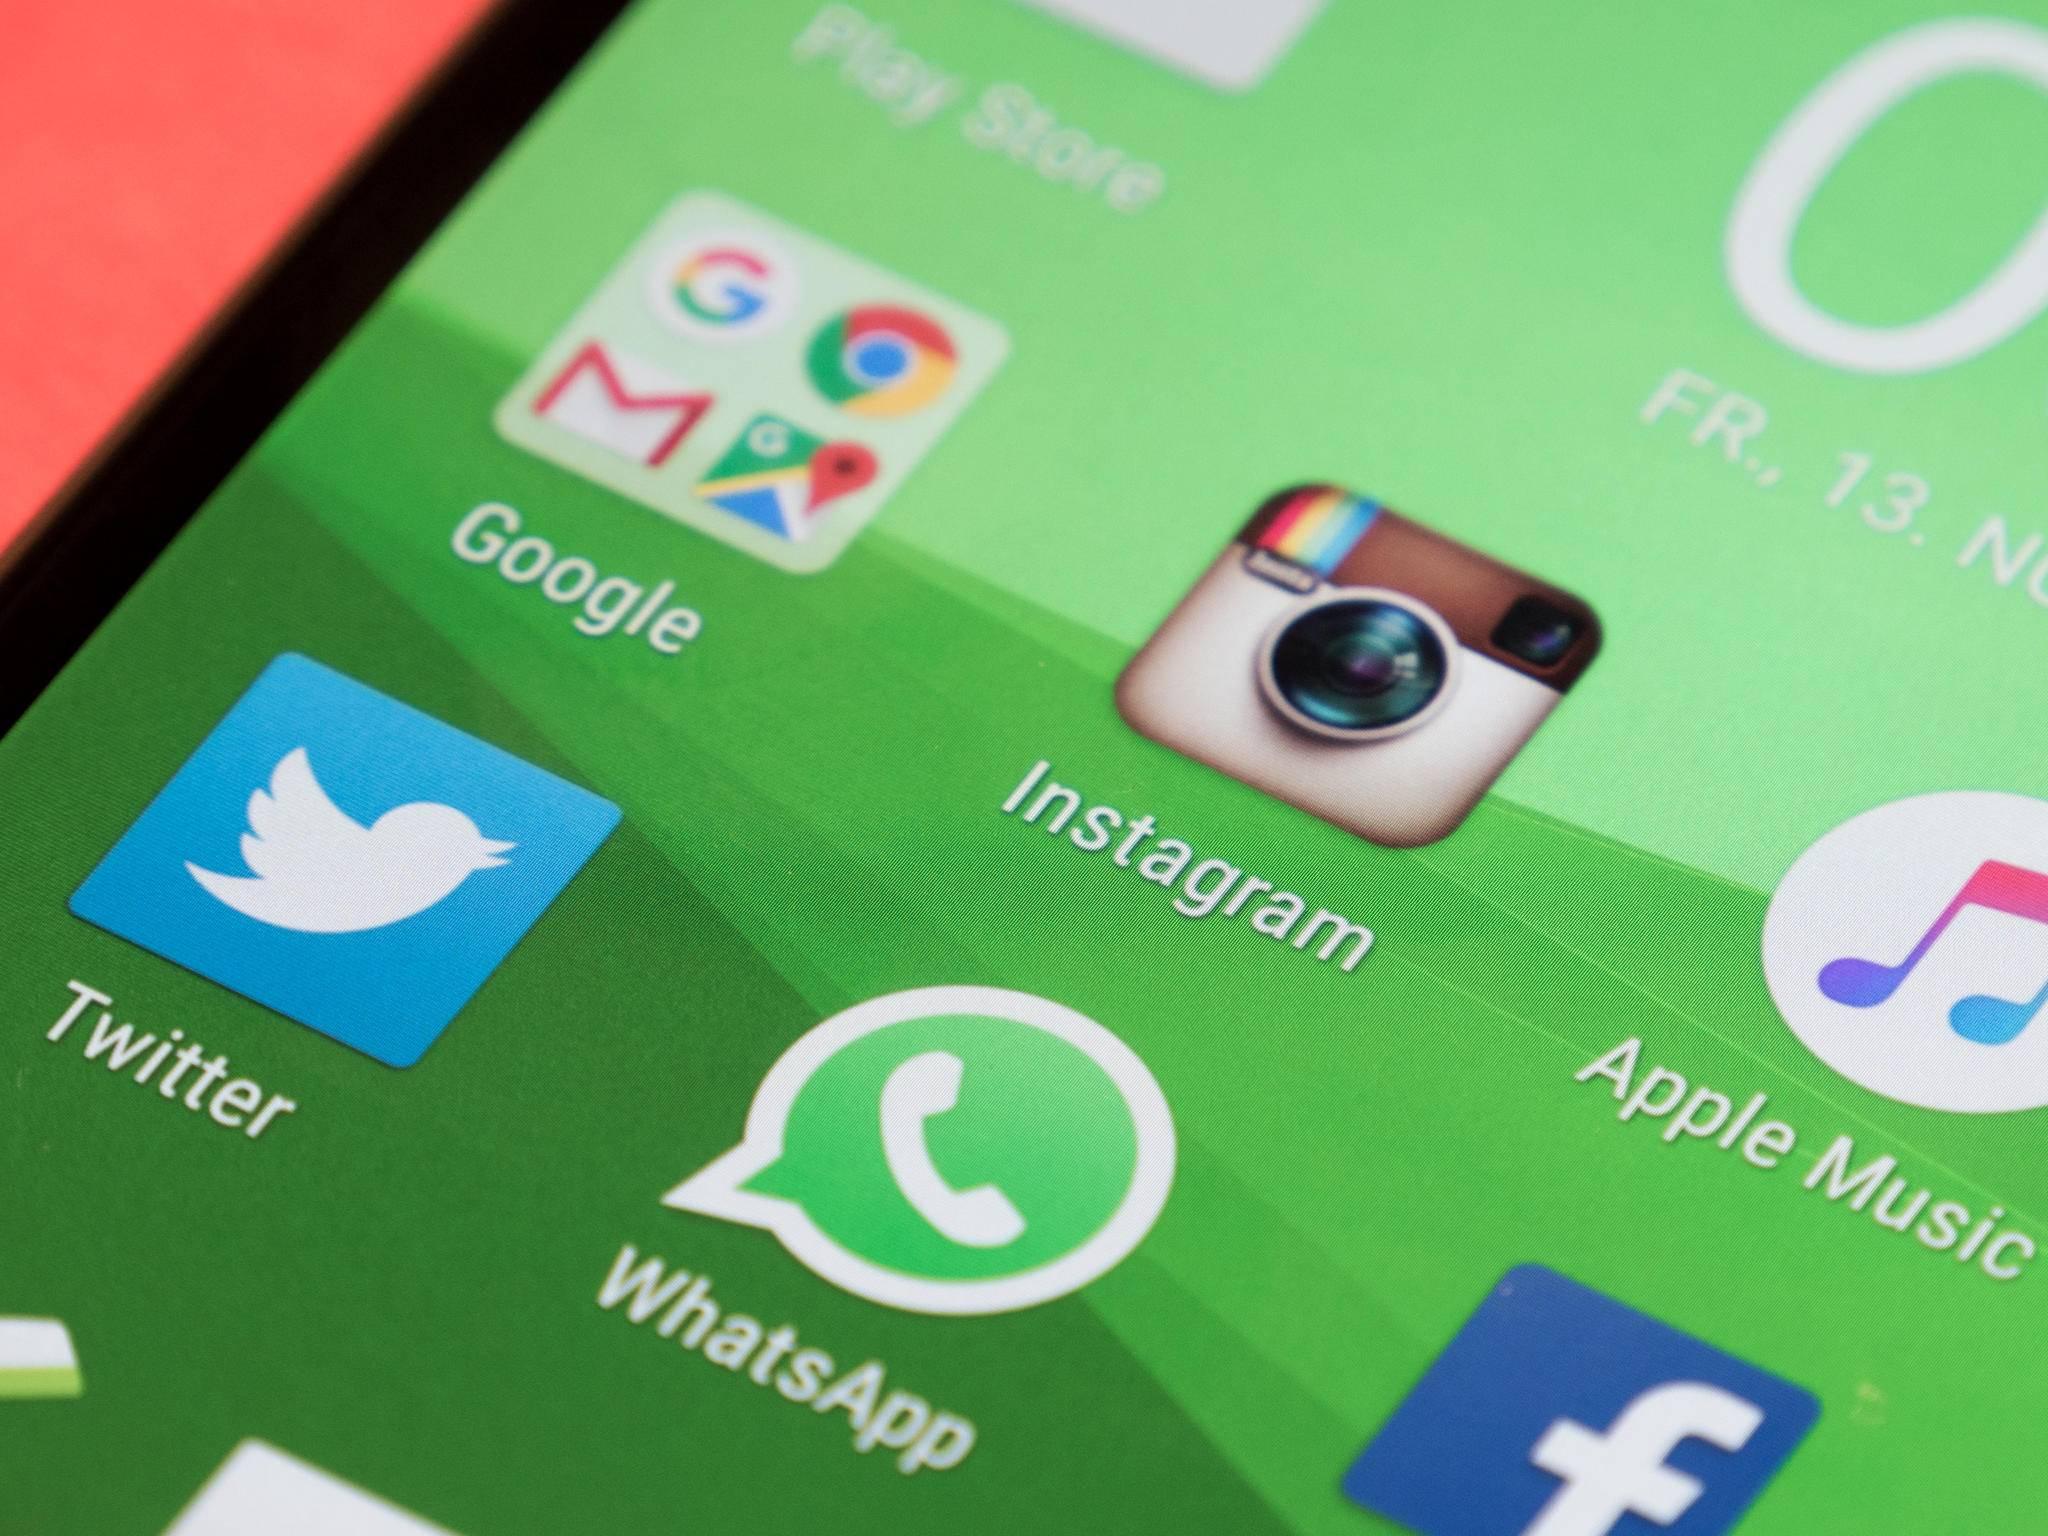 WhatsApp erlaubt jetzt bis zu 256 Mitglieder in einer Gruppe.